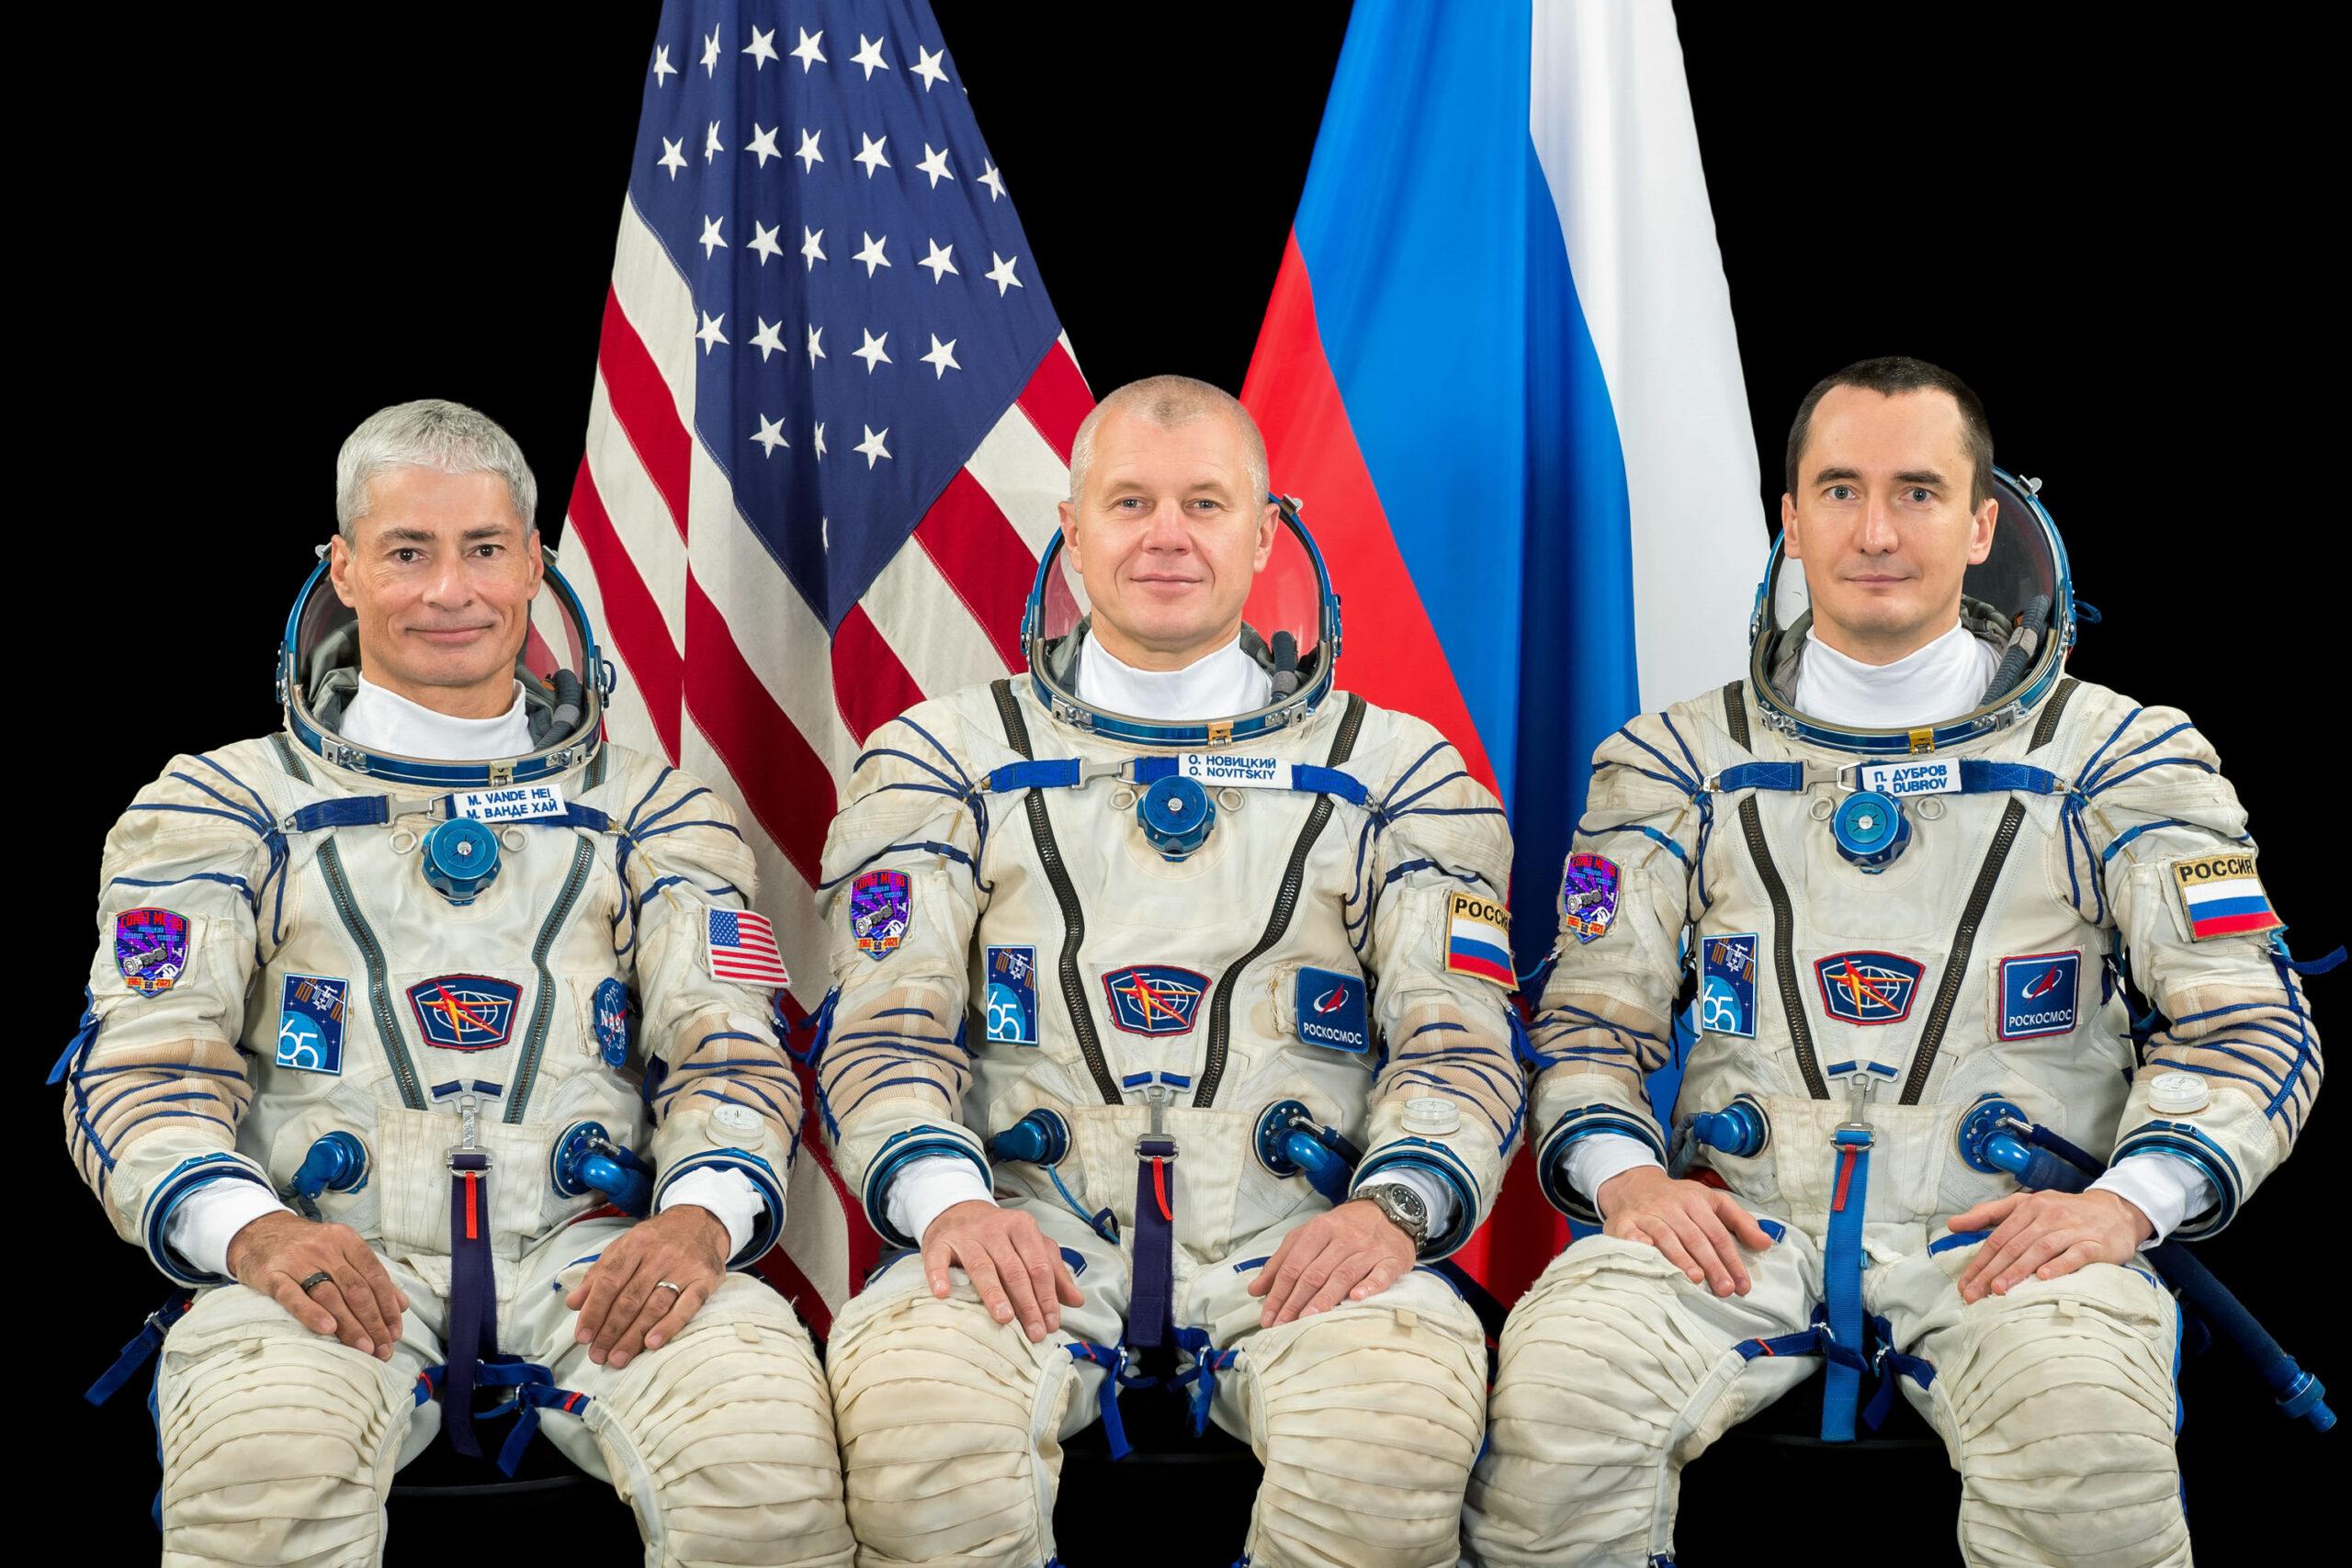 L'equipaggio della missione Soyuz MS-18. Da sinistra, Mark Vande Hei, Oleg Novickij e Pëtr Dubrov. Credits: NASA.